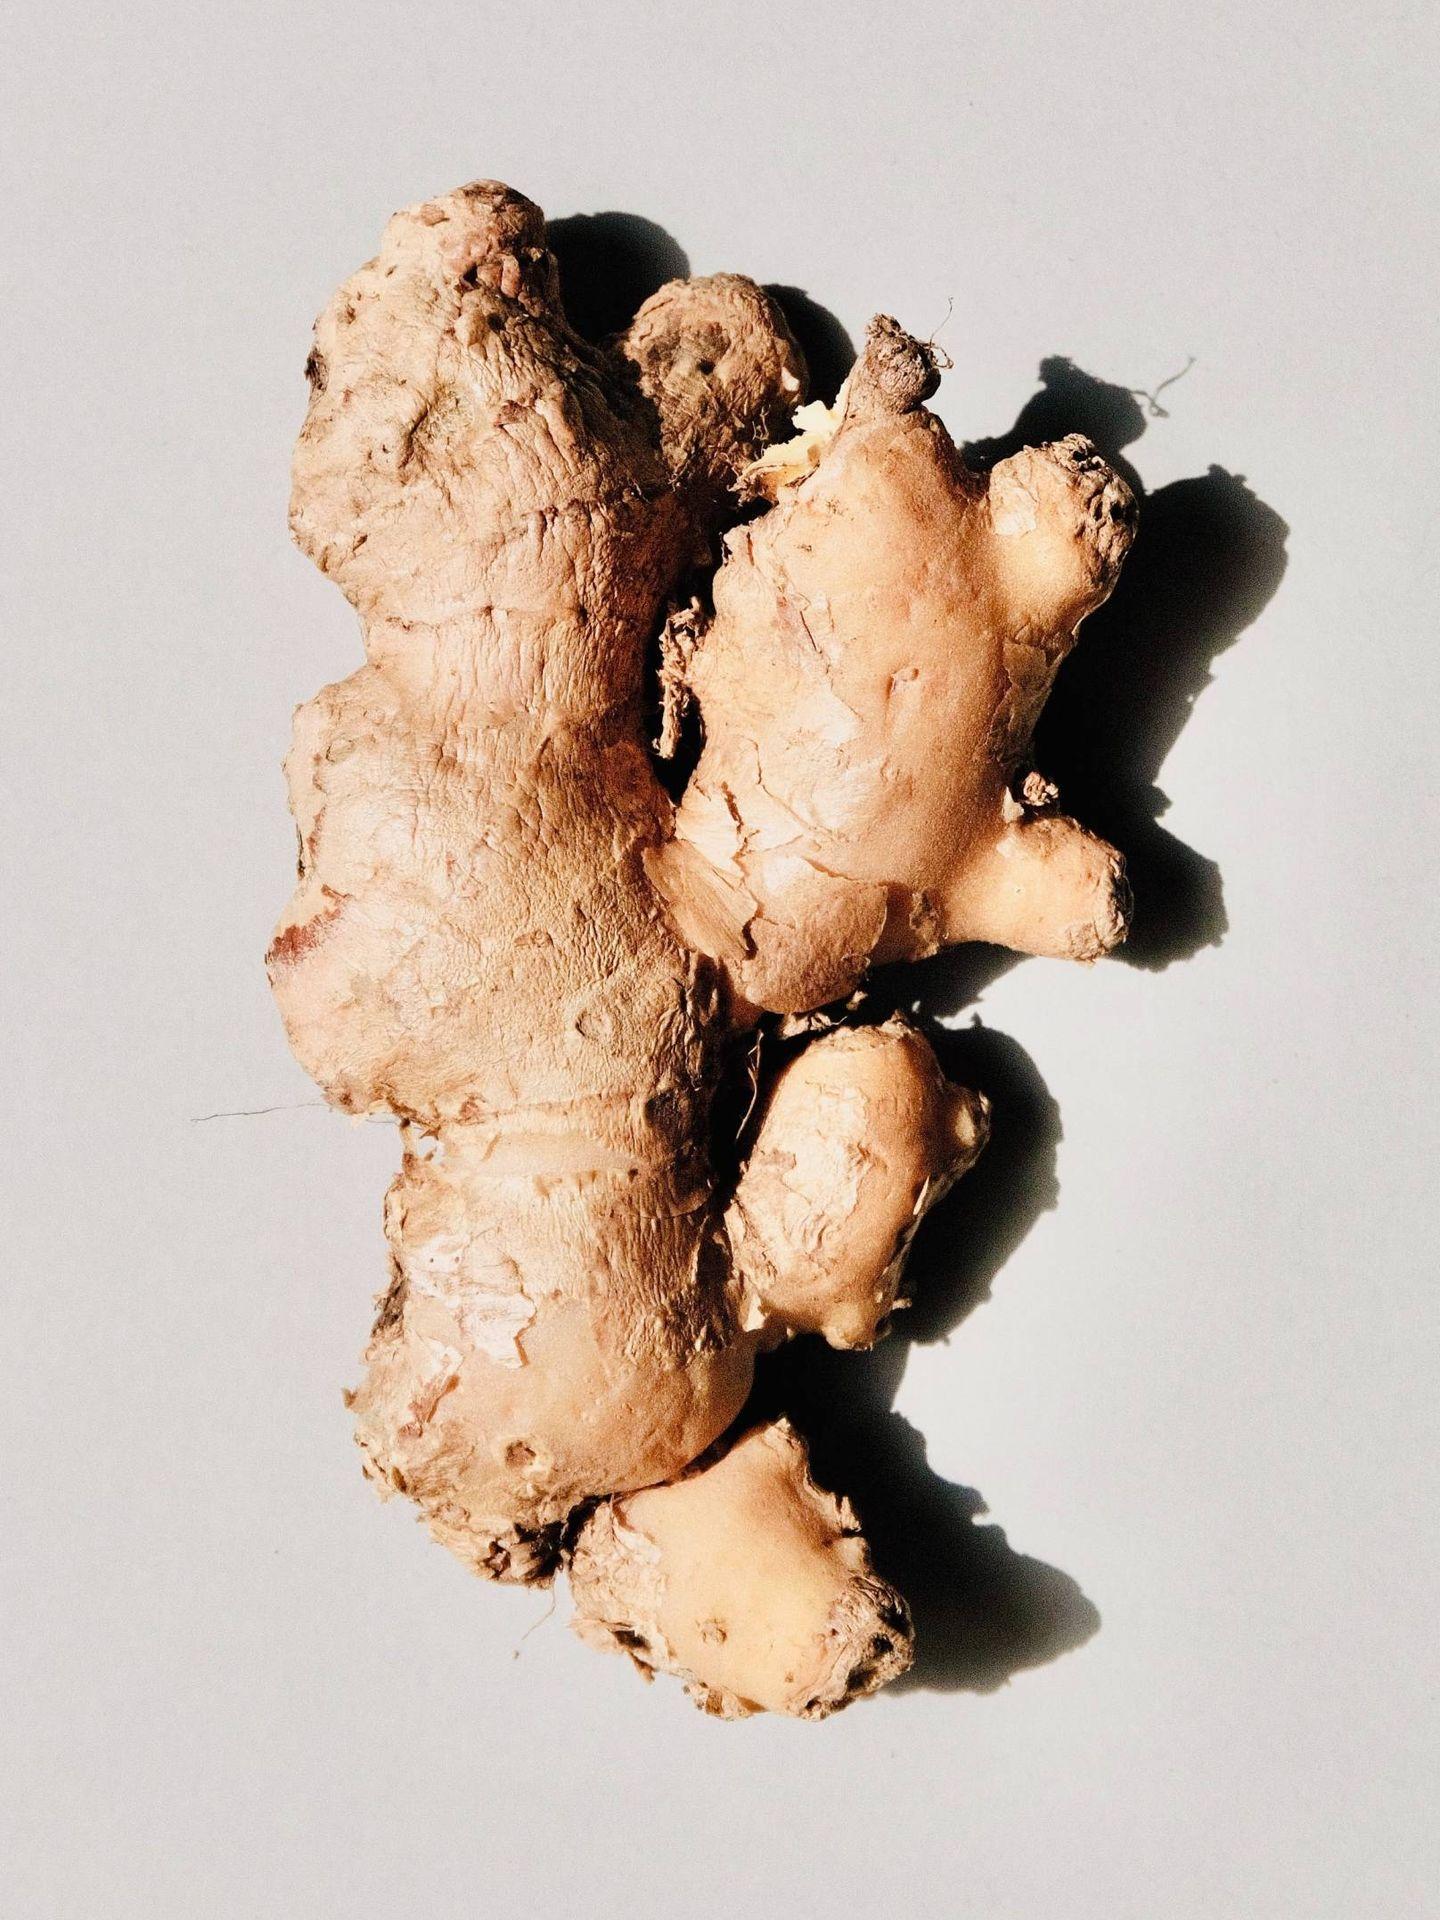 El jengibre se utiliza desde hace siglos en cosmética. (Jocelyn Morales para Unsplash)